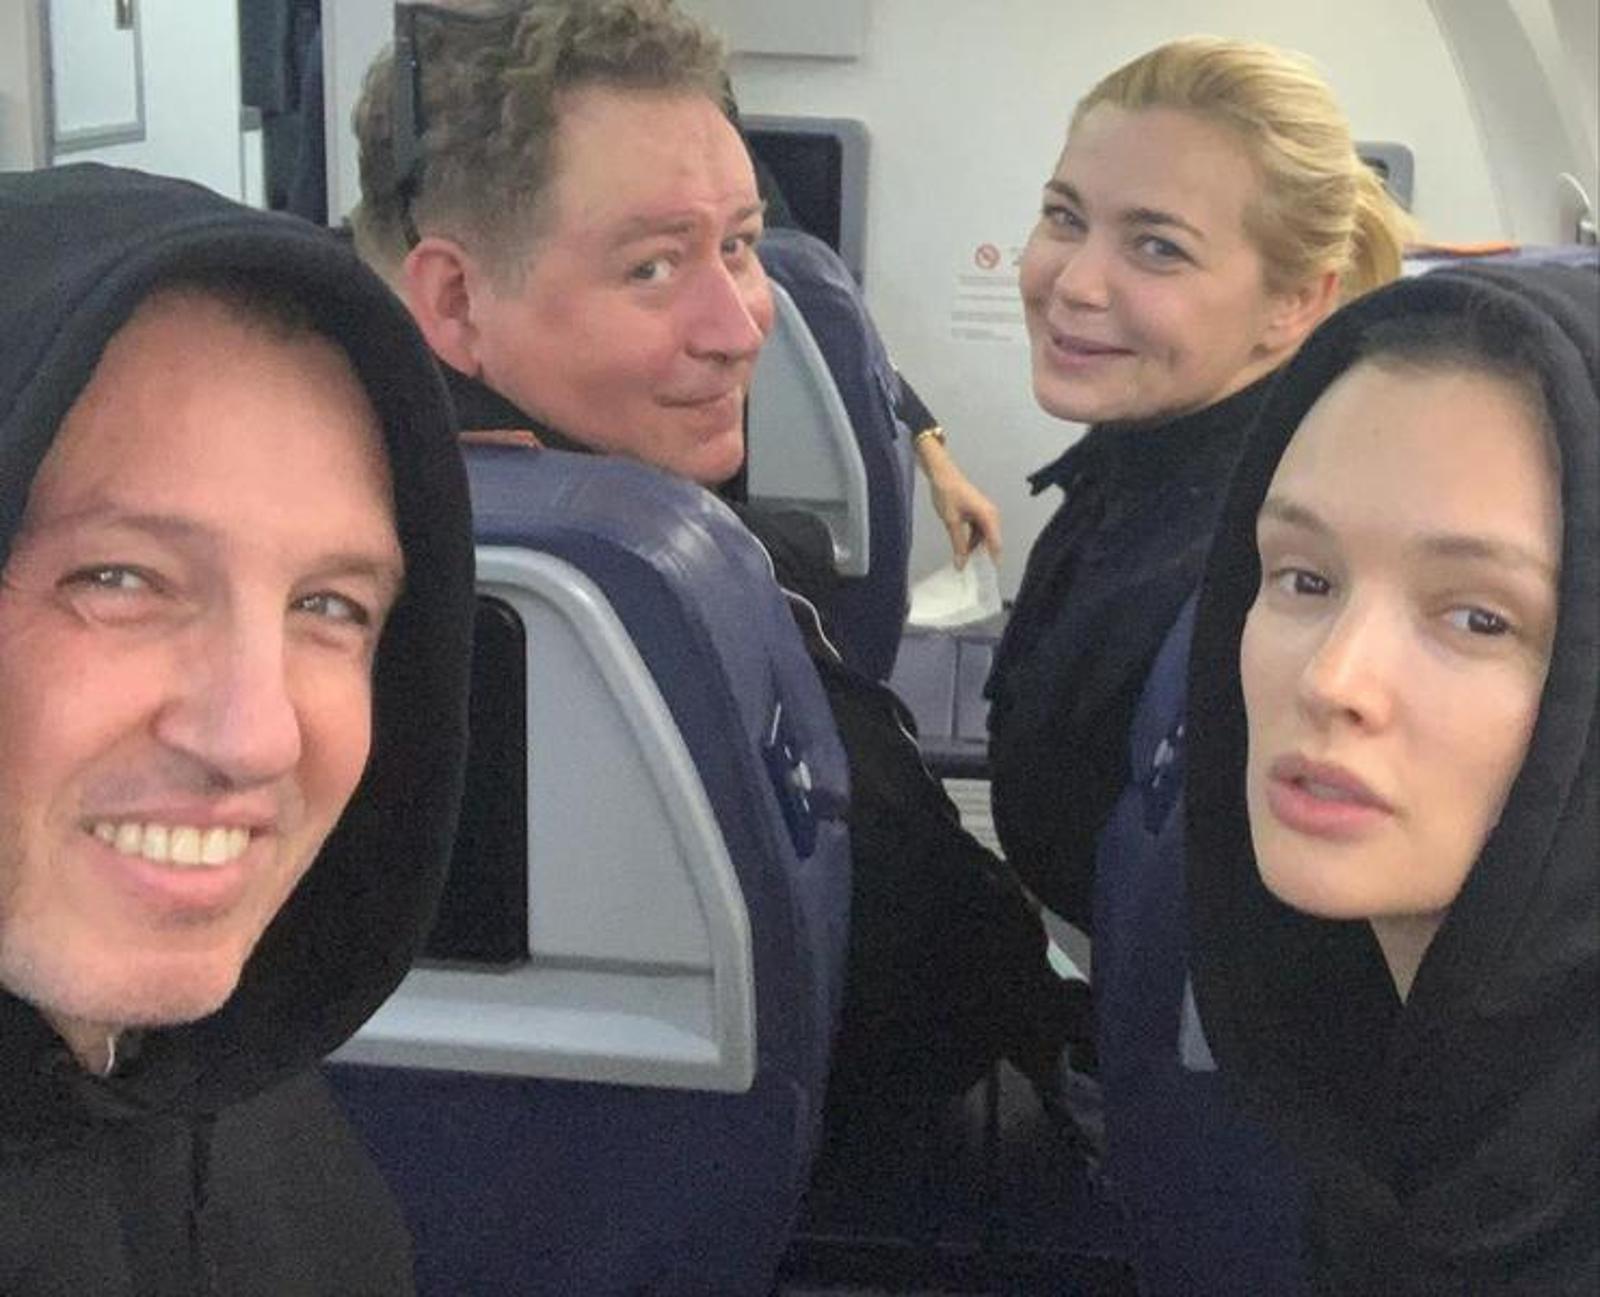 Веселая поездочка: Ирина Пегова и Паулина Андреева показали себя без макияжа во время перелета